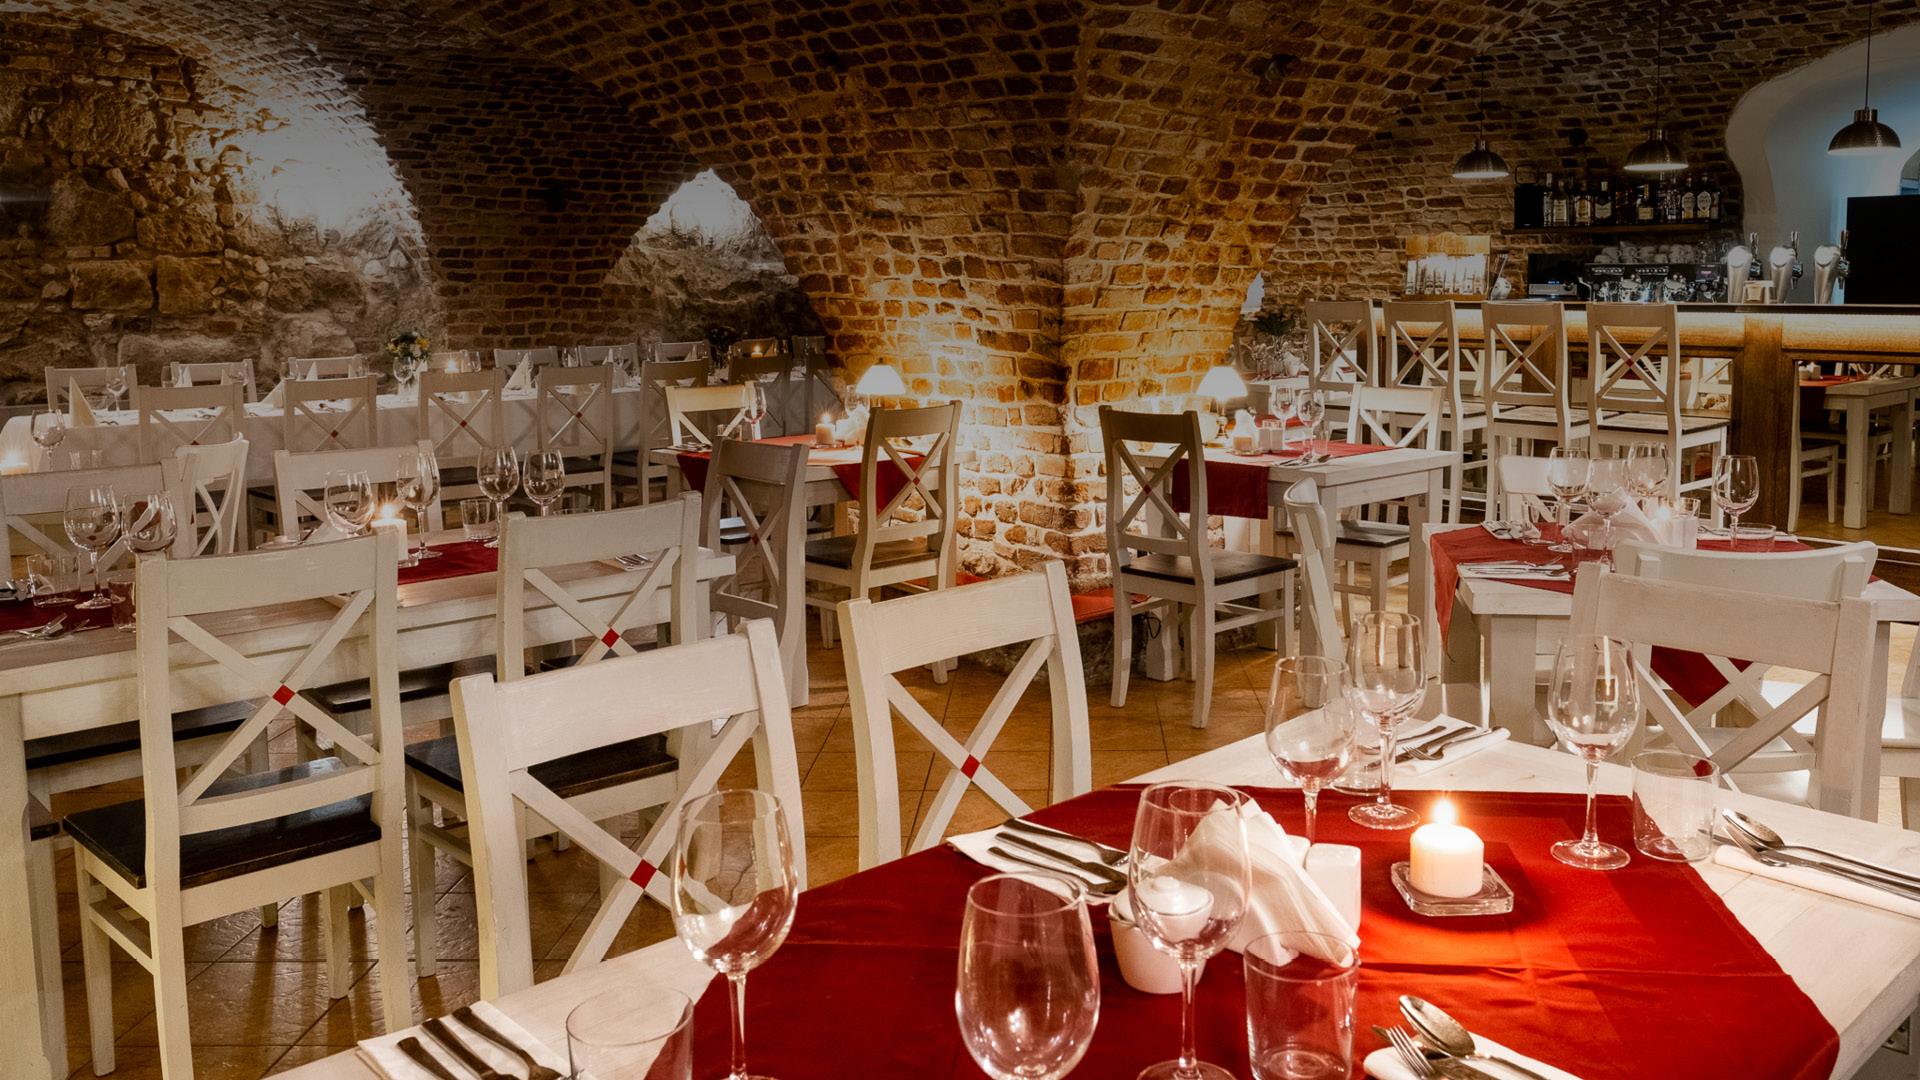 Sala restauracji Dworek w Krakowie. Piwniczna sala z widocznymi cegłami. Na stołach szklanki, kieliszki do wina i świece. Elegancki wystrój